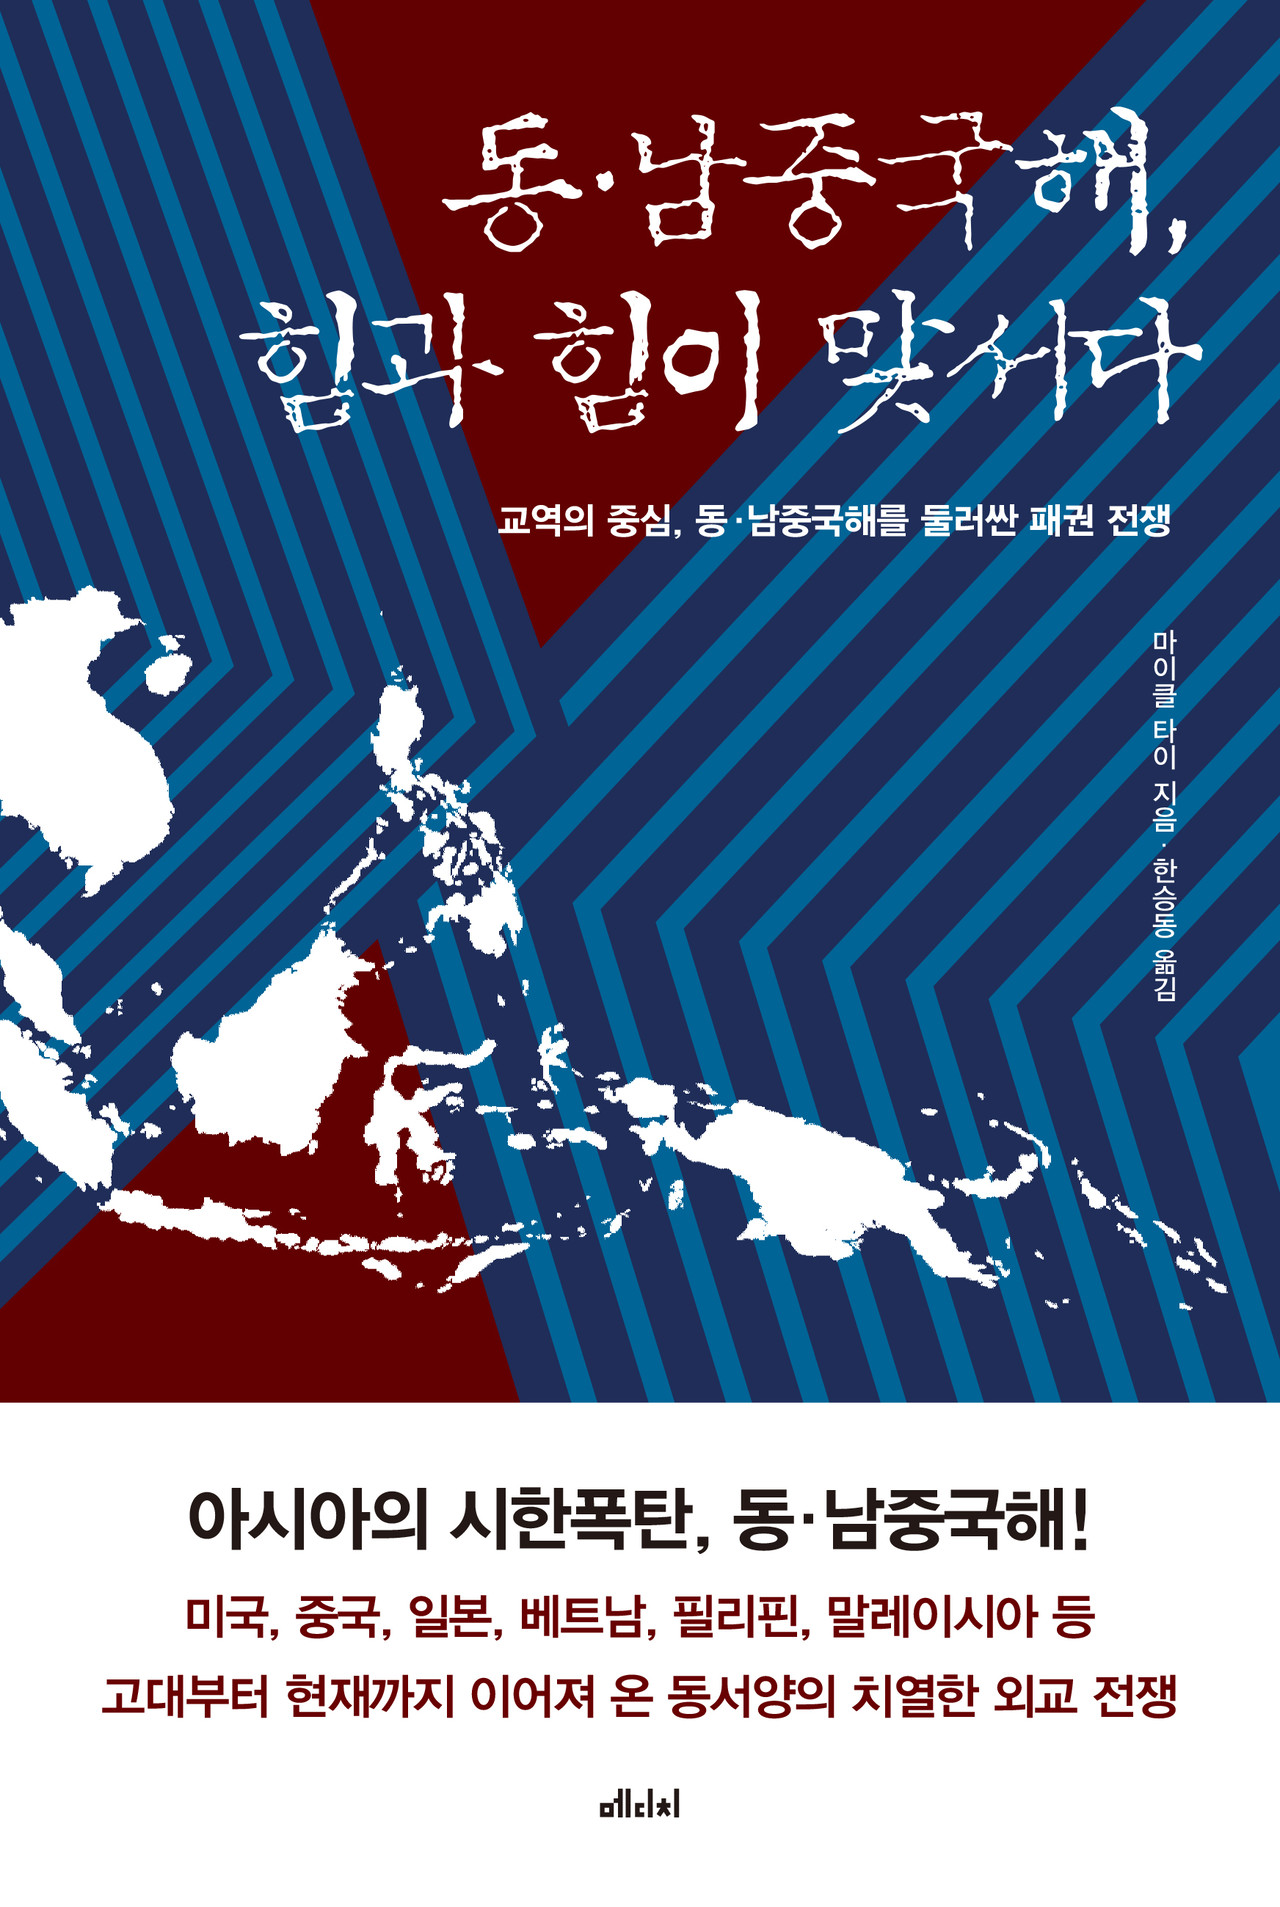 동남중국해, 힘과 힘이 맞서다